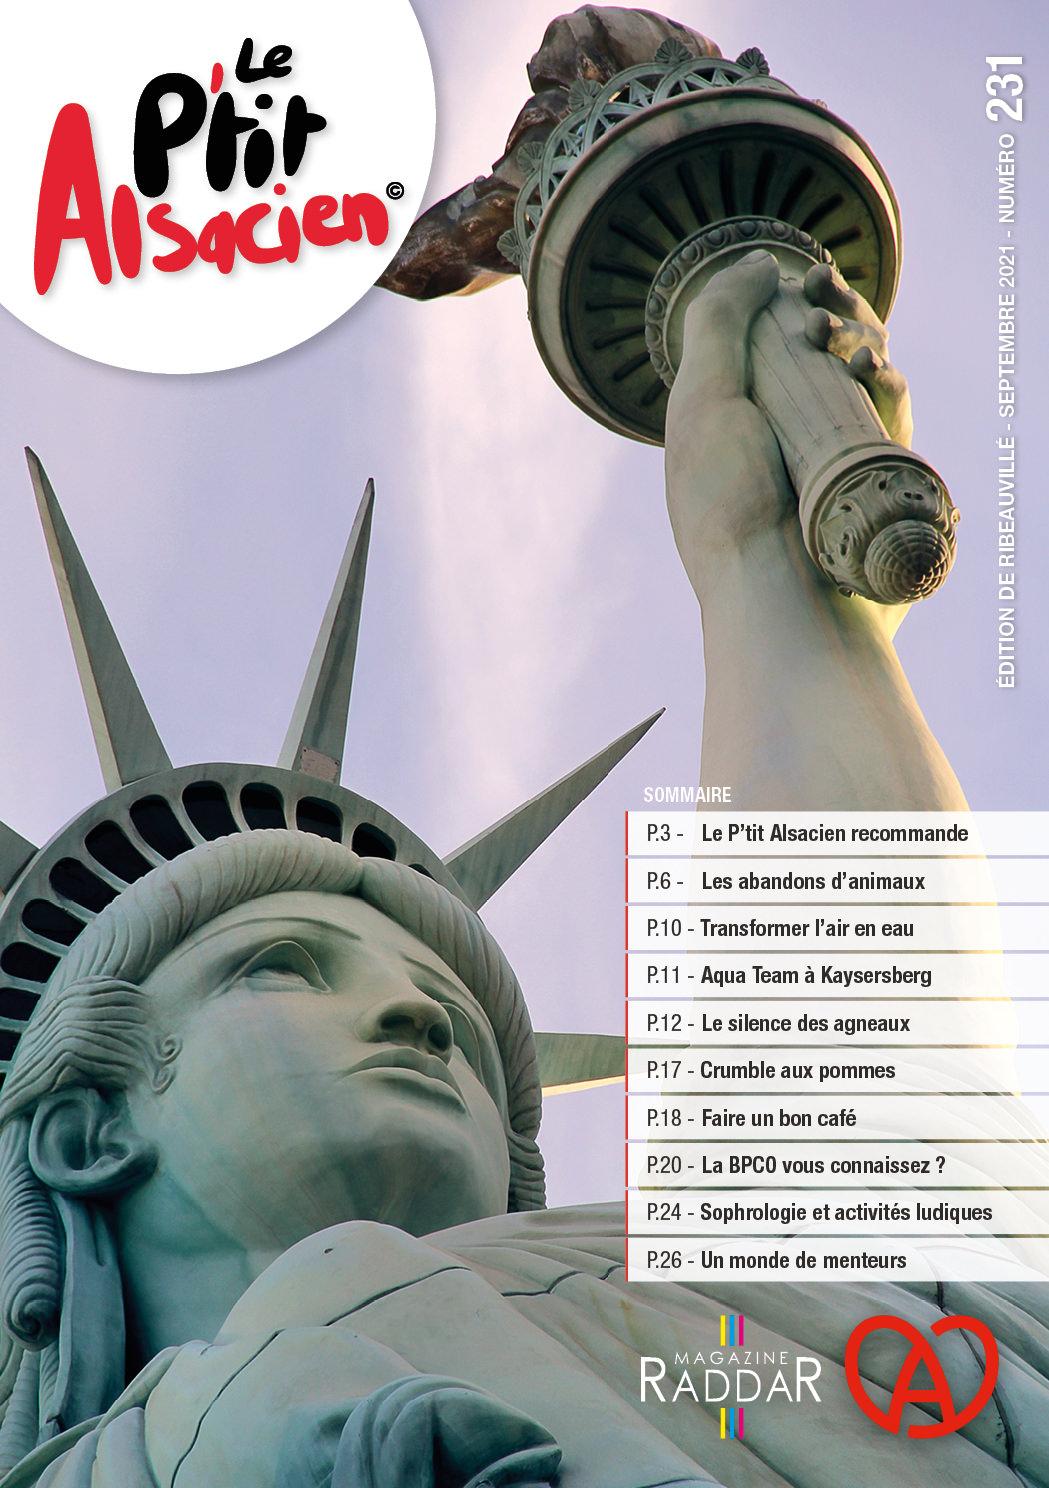 Magazine raddar - Septembre 2021